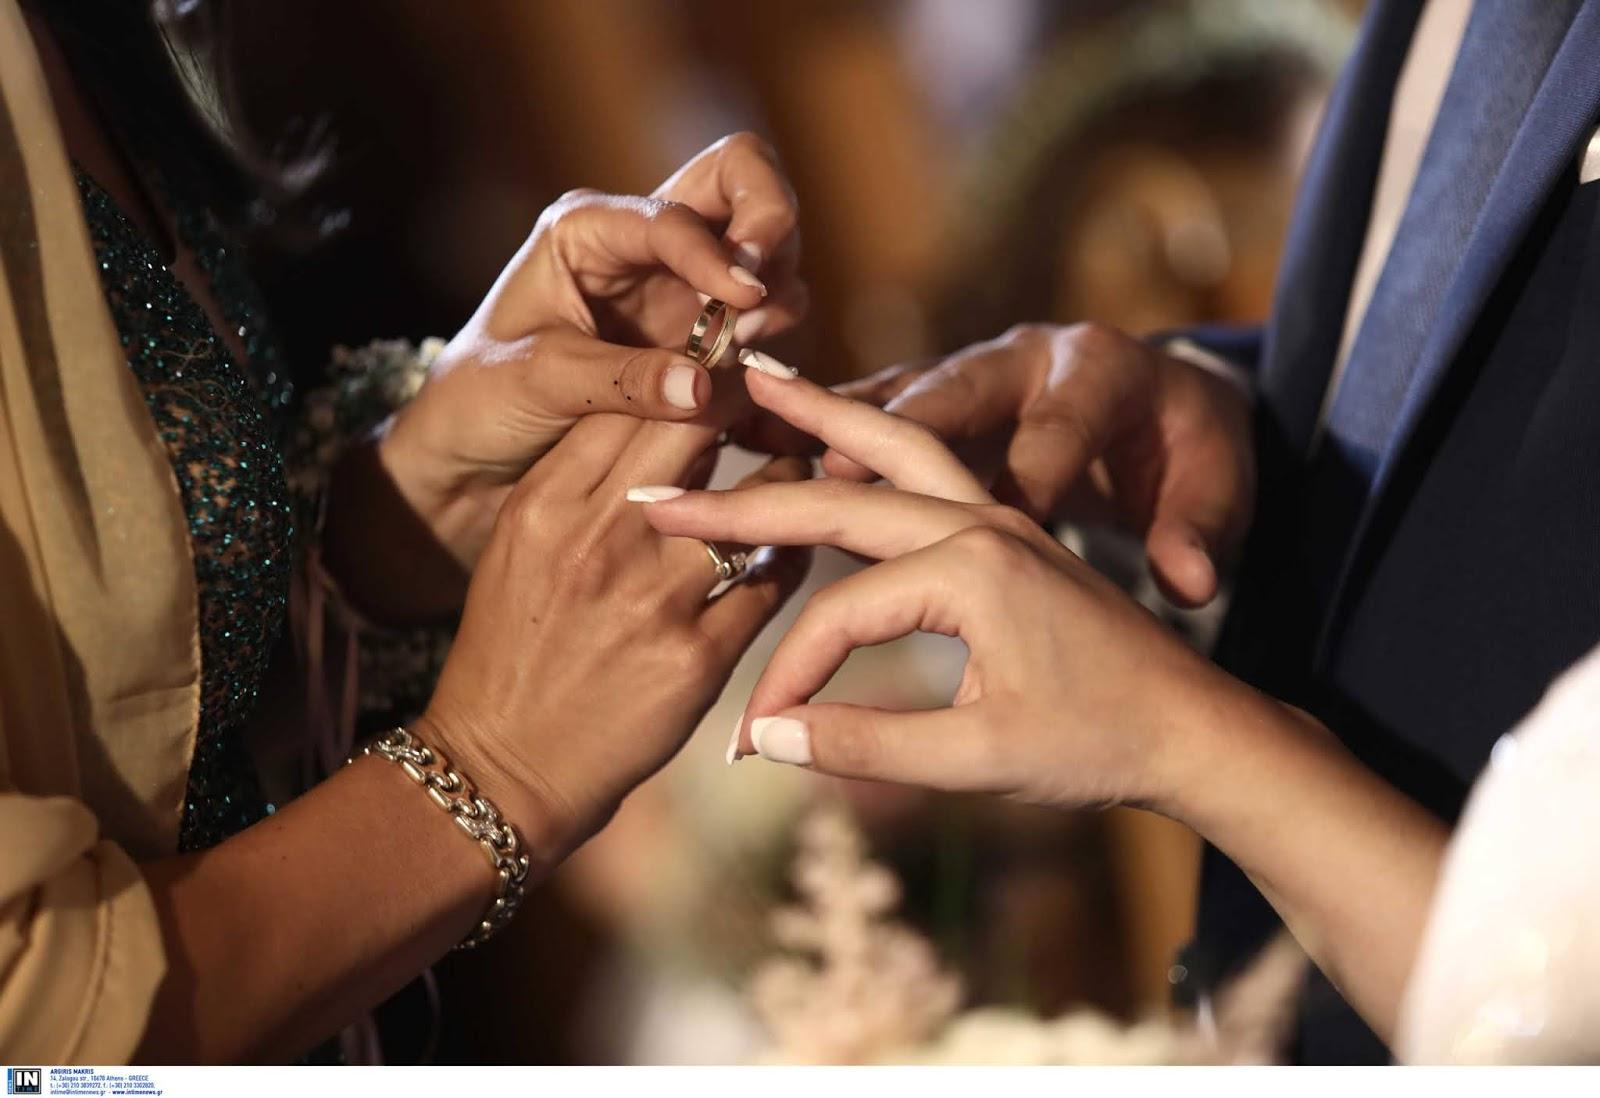 Κορονοϊός: Άλλα 9 κρούσματα από τον γάμο στην Αλεξανδρούπολη